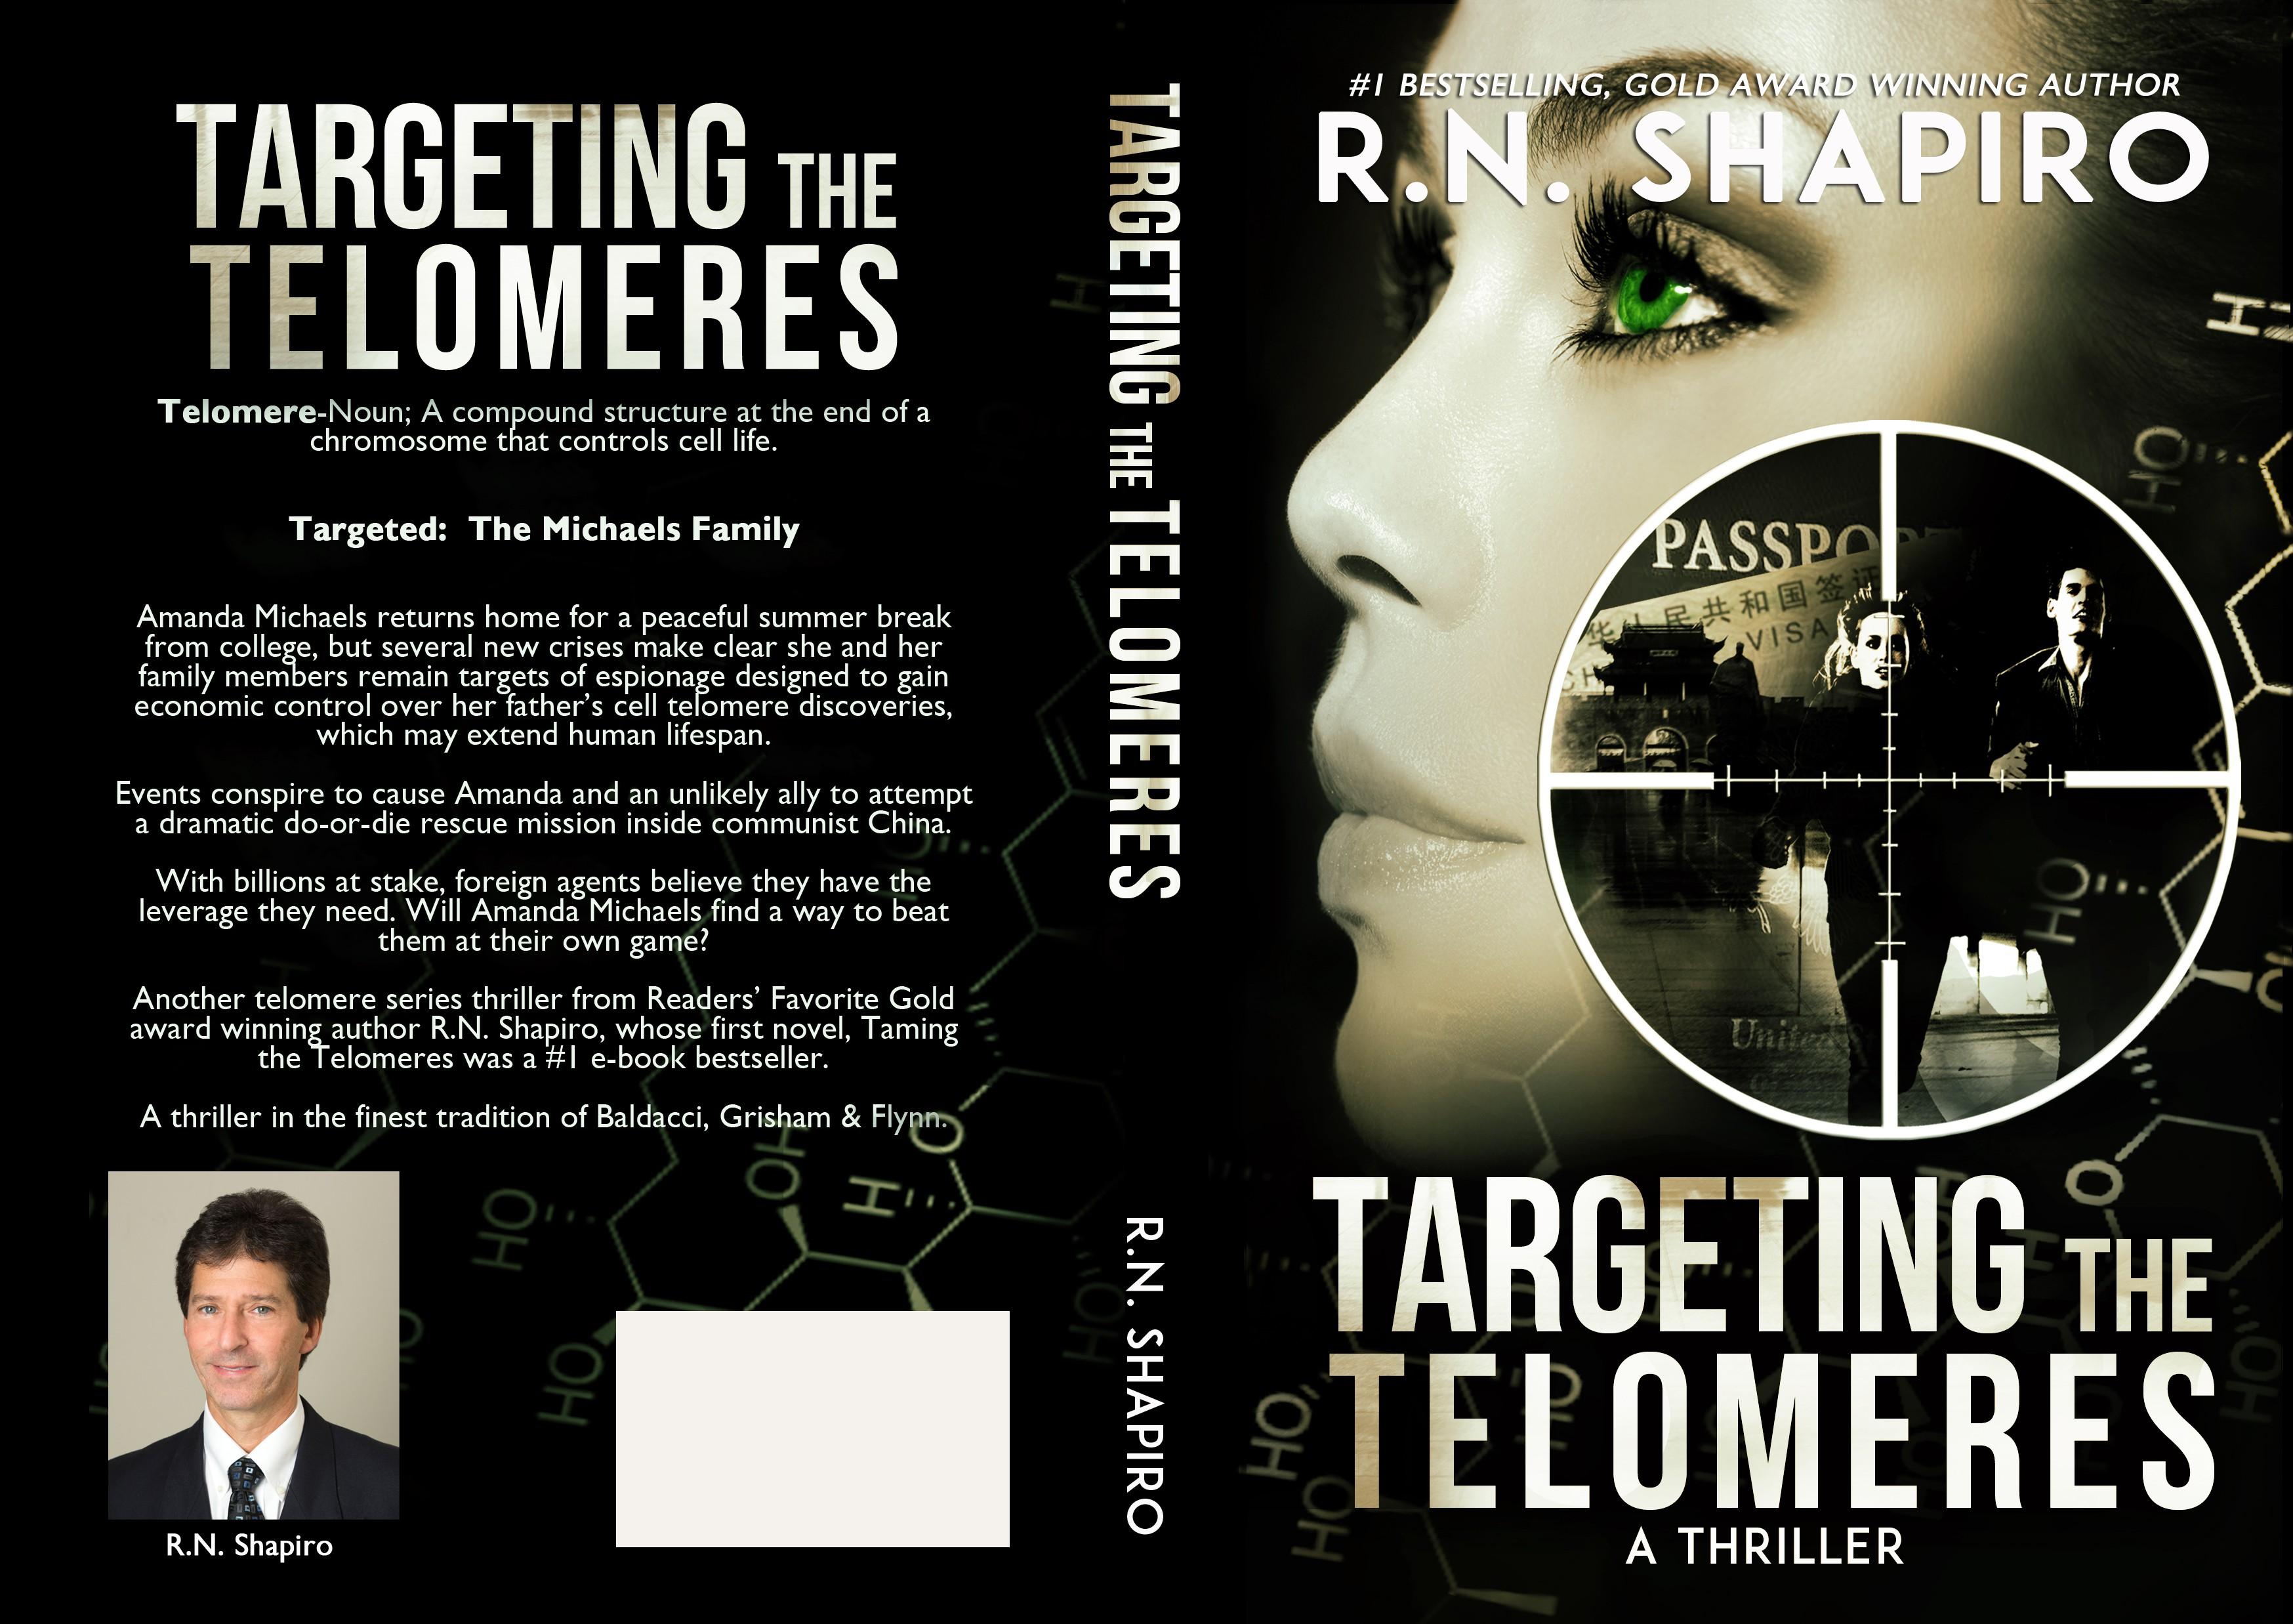 Killer Cover for Suspense Thriller by Award Winning Author